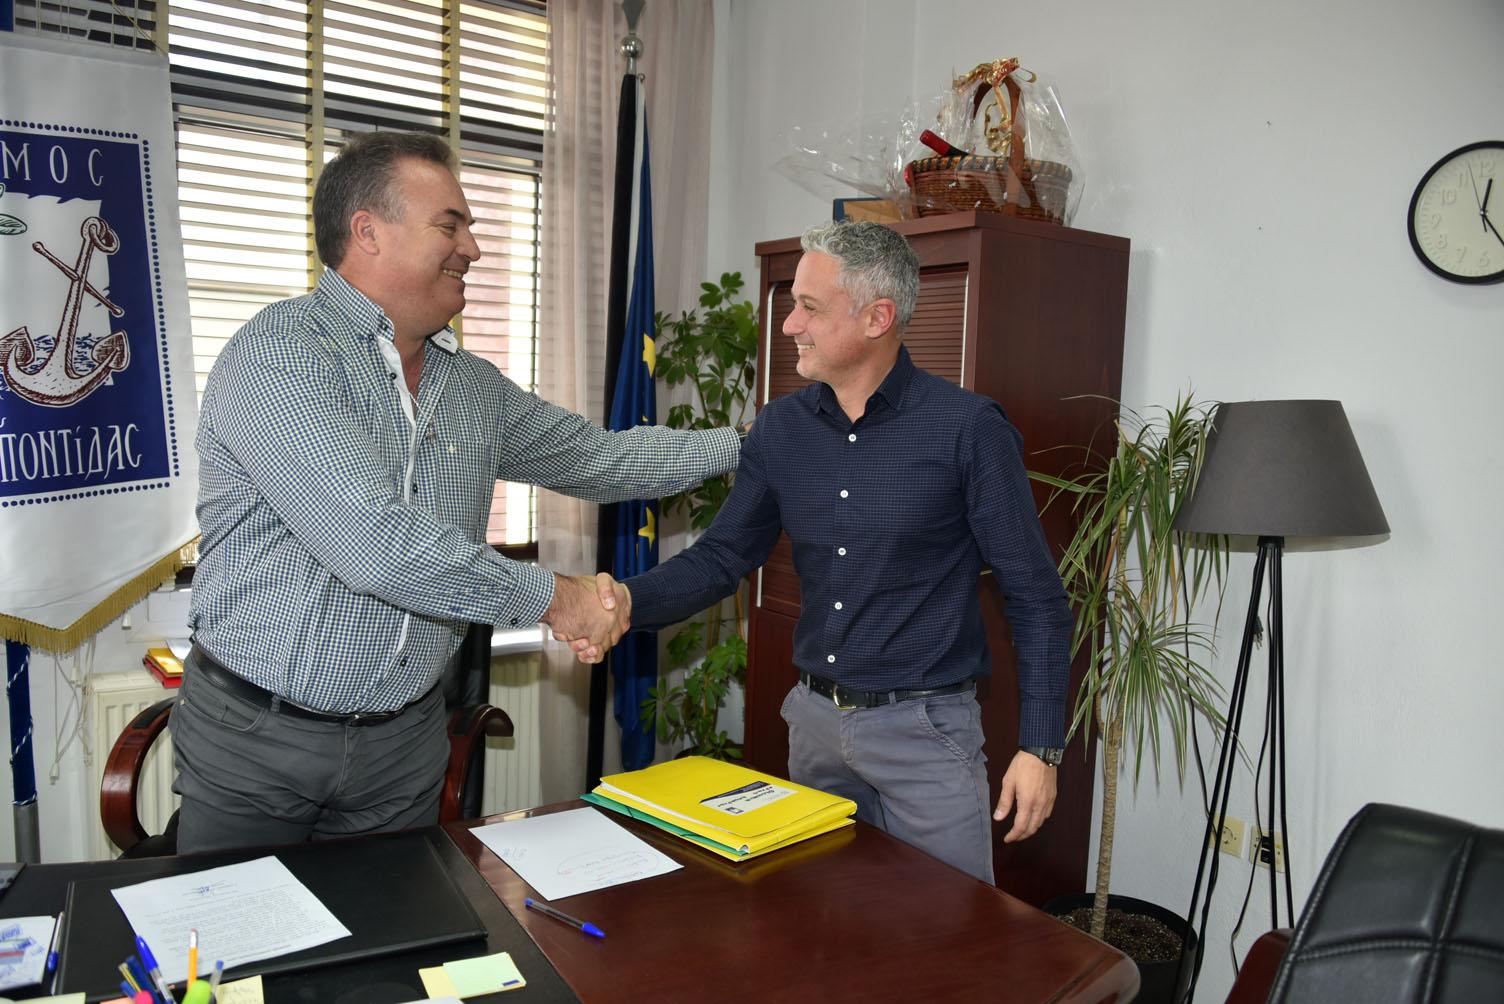 Υπογραφή σύμβασης για Αγροτική Οδοποιία